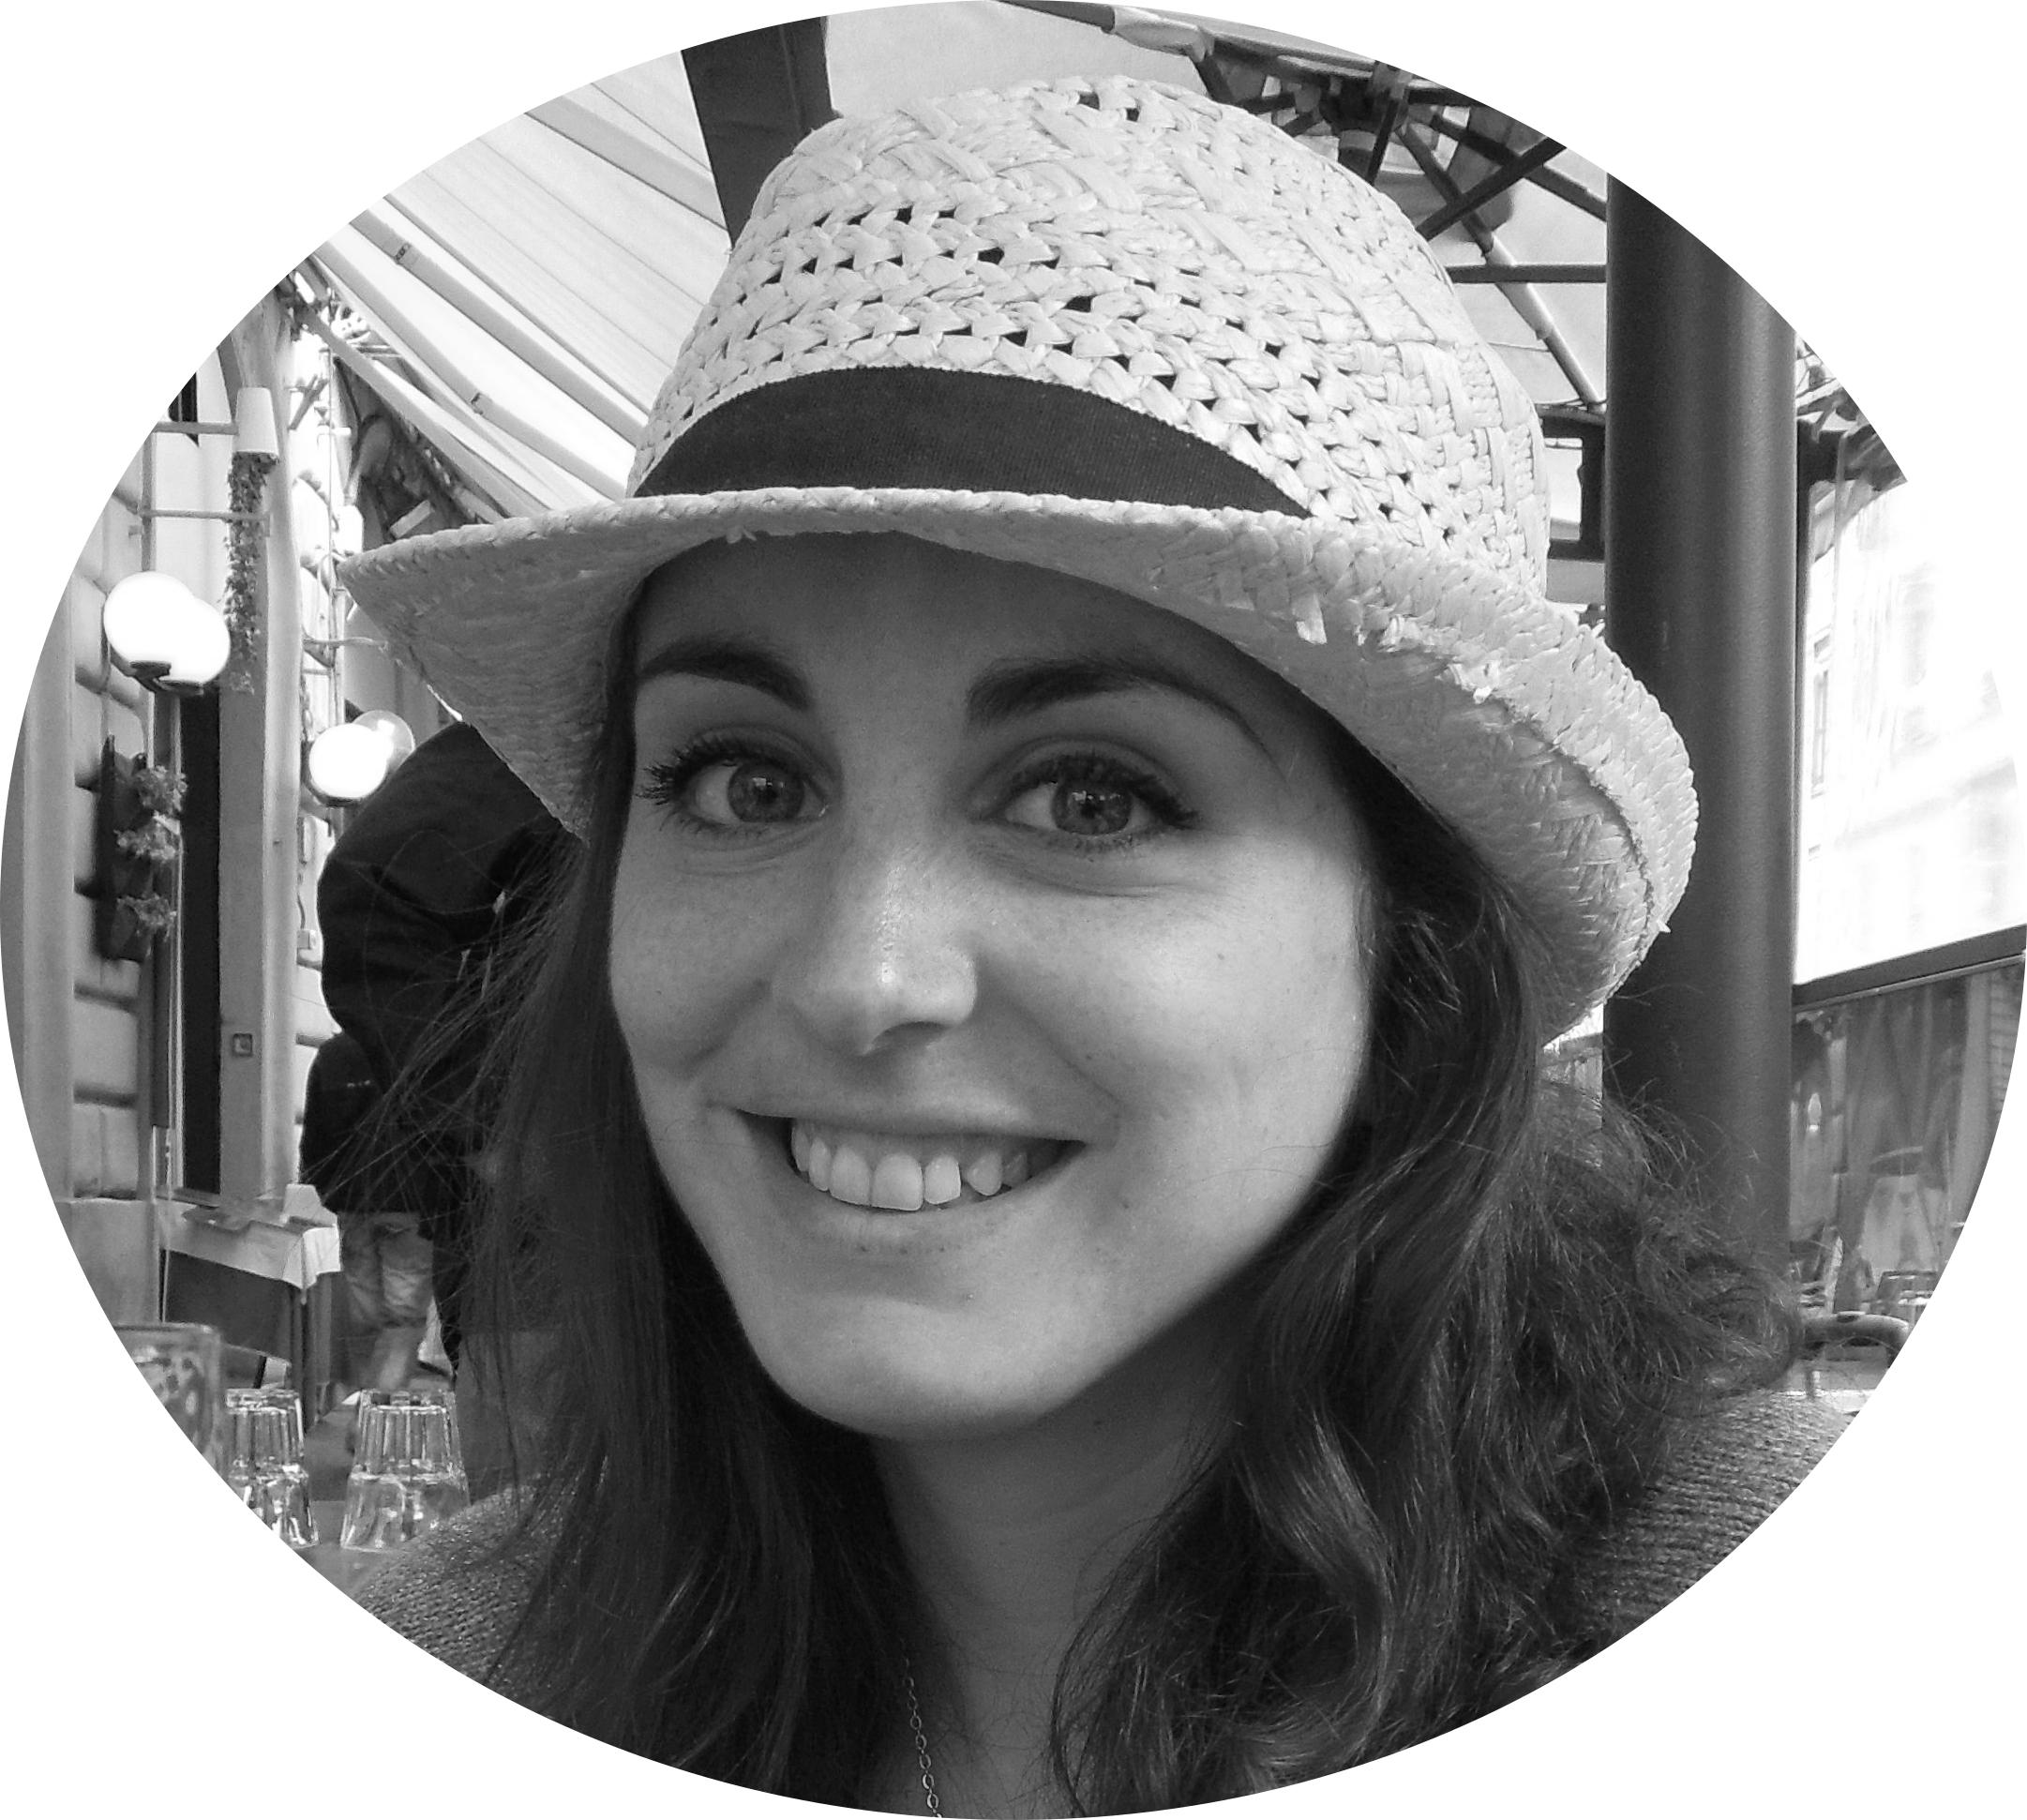 MyFrenchLife™ - MyFrenchLife.org - La vie de stagiaire - My Internship - Sophia Marci Anderson